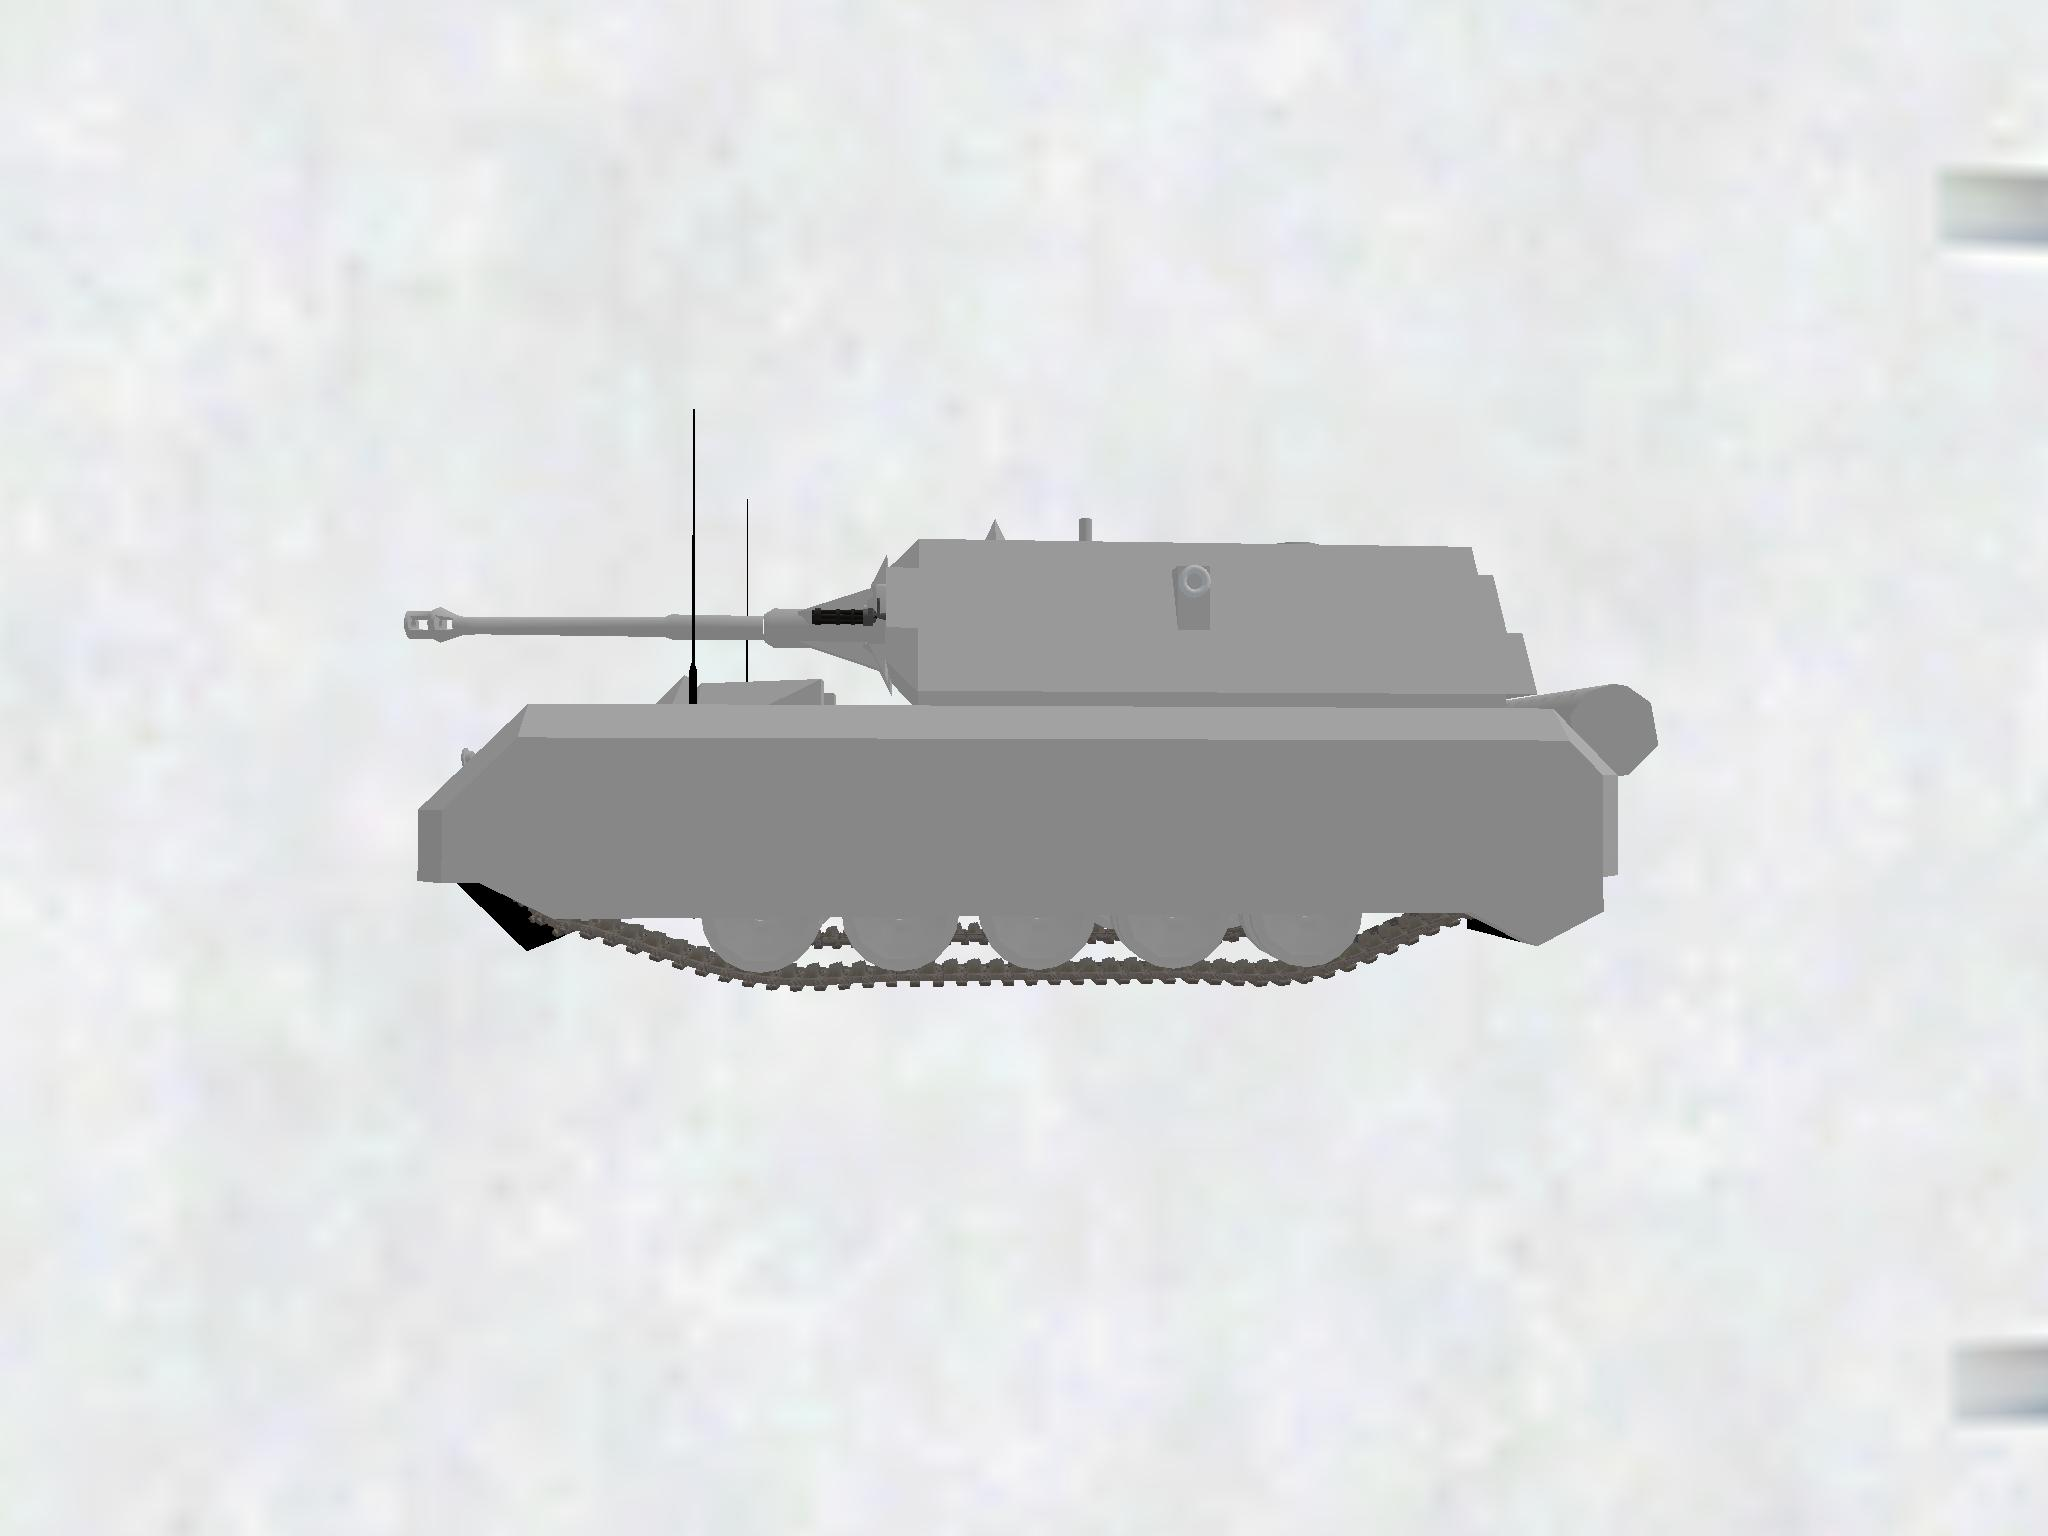 VIII号戦車 maus